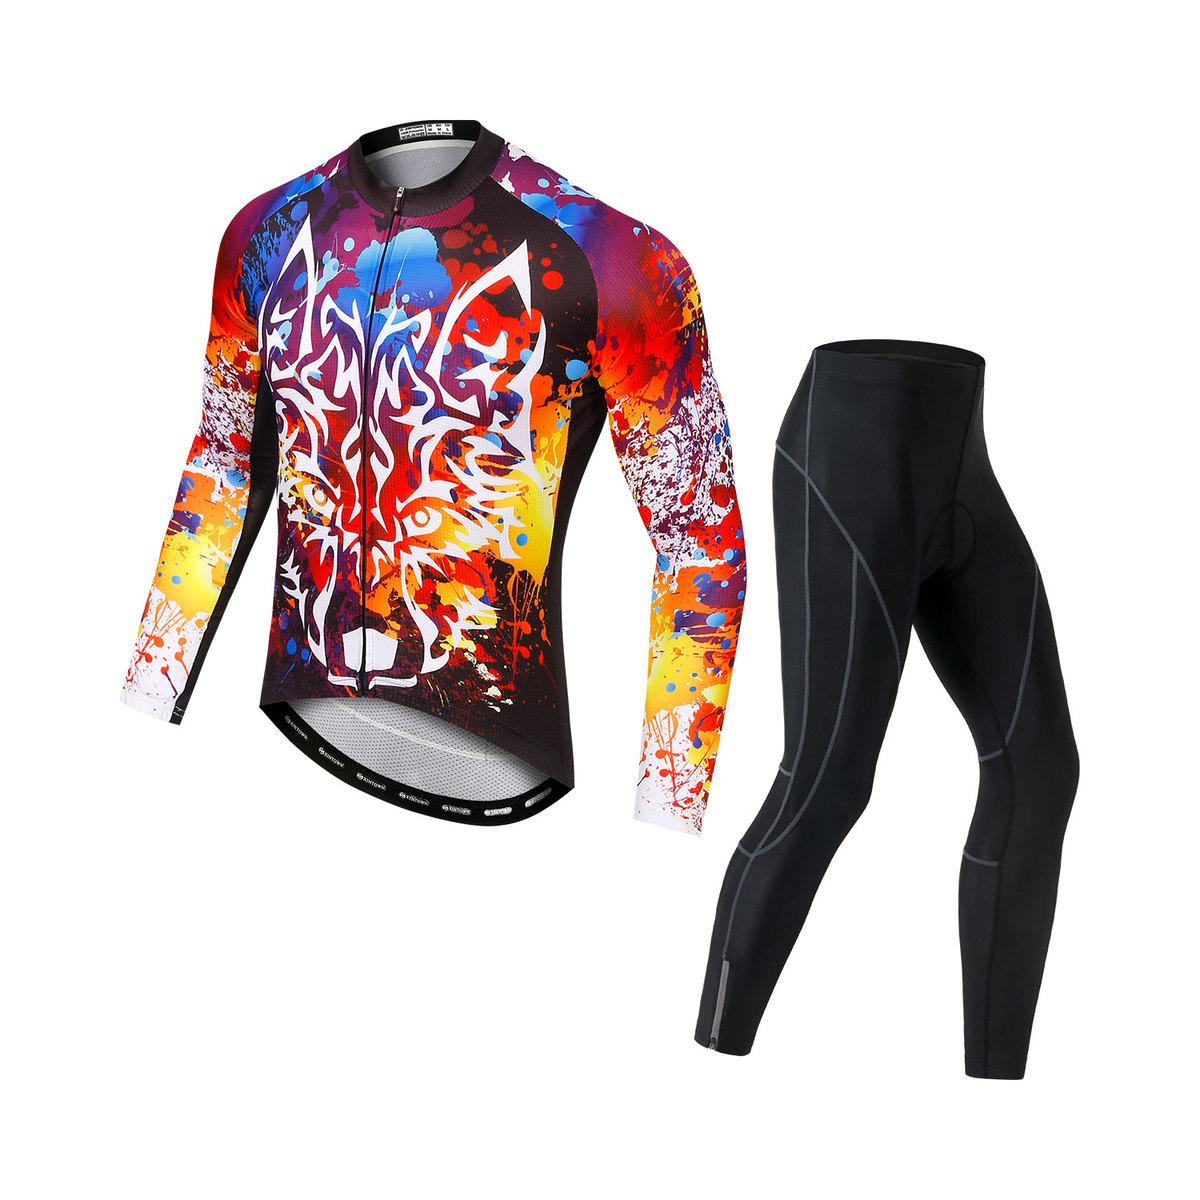 サイクルジャージ サイクルウェア メンズ 薄手長袖 日本全国 送料無料 上下セット サイクルパンツ ゲルパット 速乾 吸汗 お得なキャンペーンを実施中 男性用 自転車